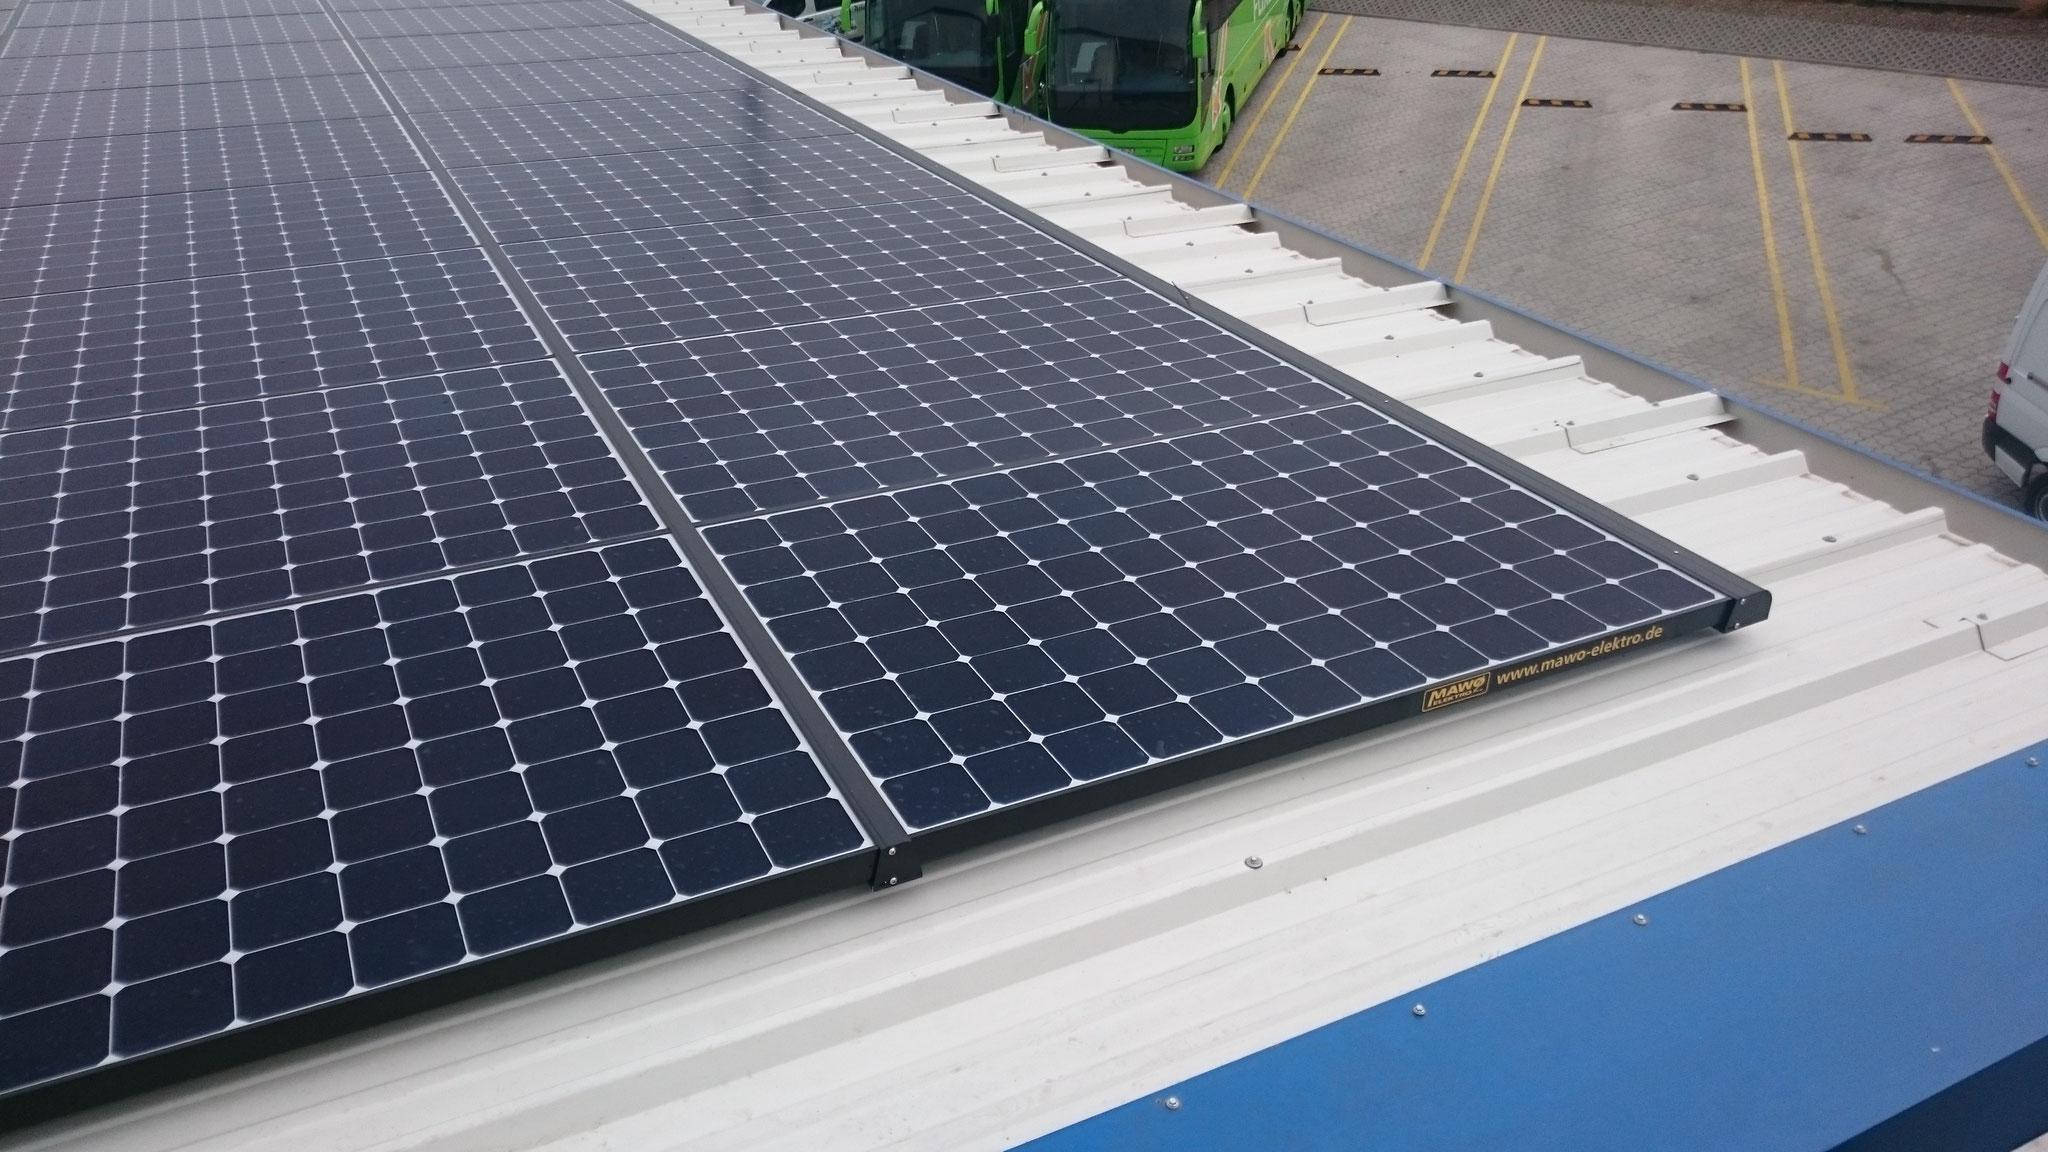 29,76 kWp Sunpower mit Solaredge Wechselrichter inkl. 30 kWh Pb Speicher SENEC.IES für Waschanlage und Tankstelle in Panketal